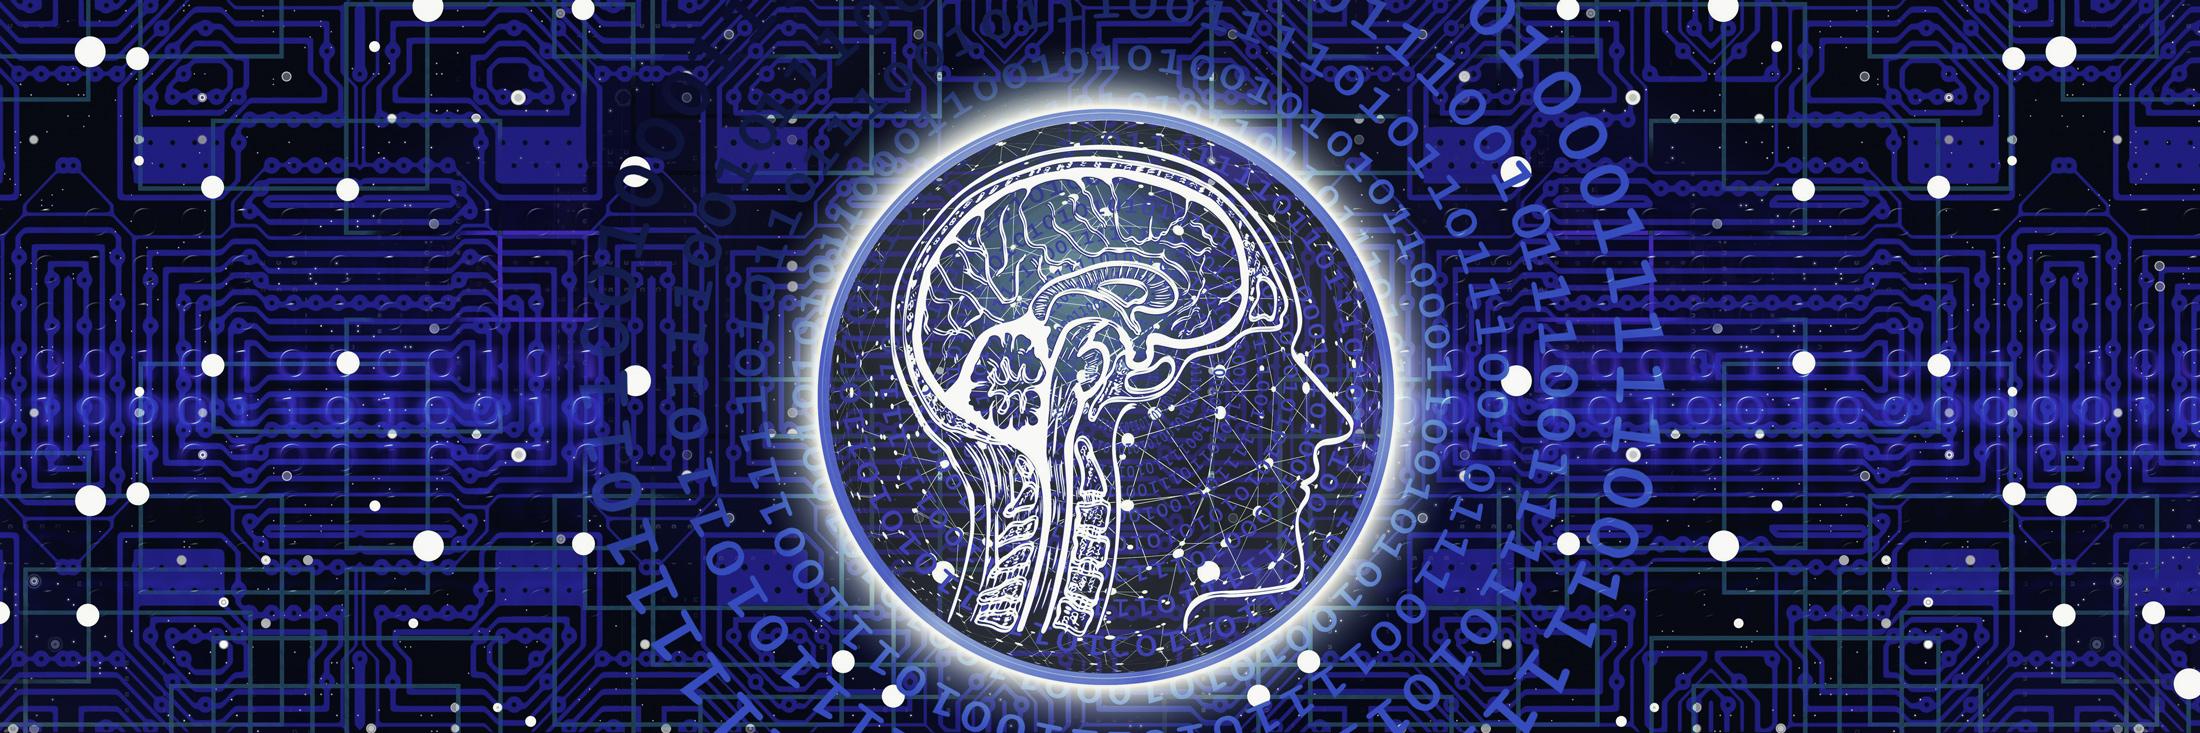 Künstliche Intelligenz: Wettlauf ohne Ethik